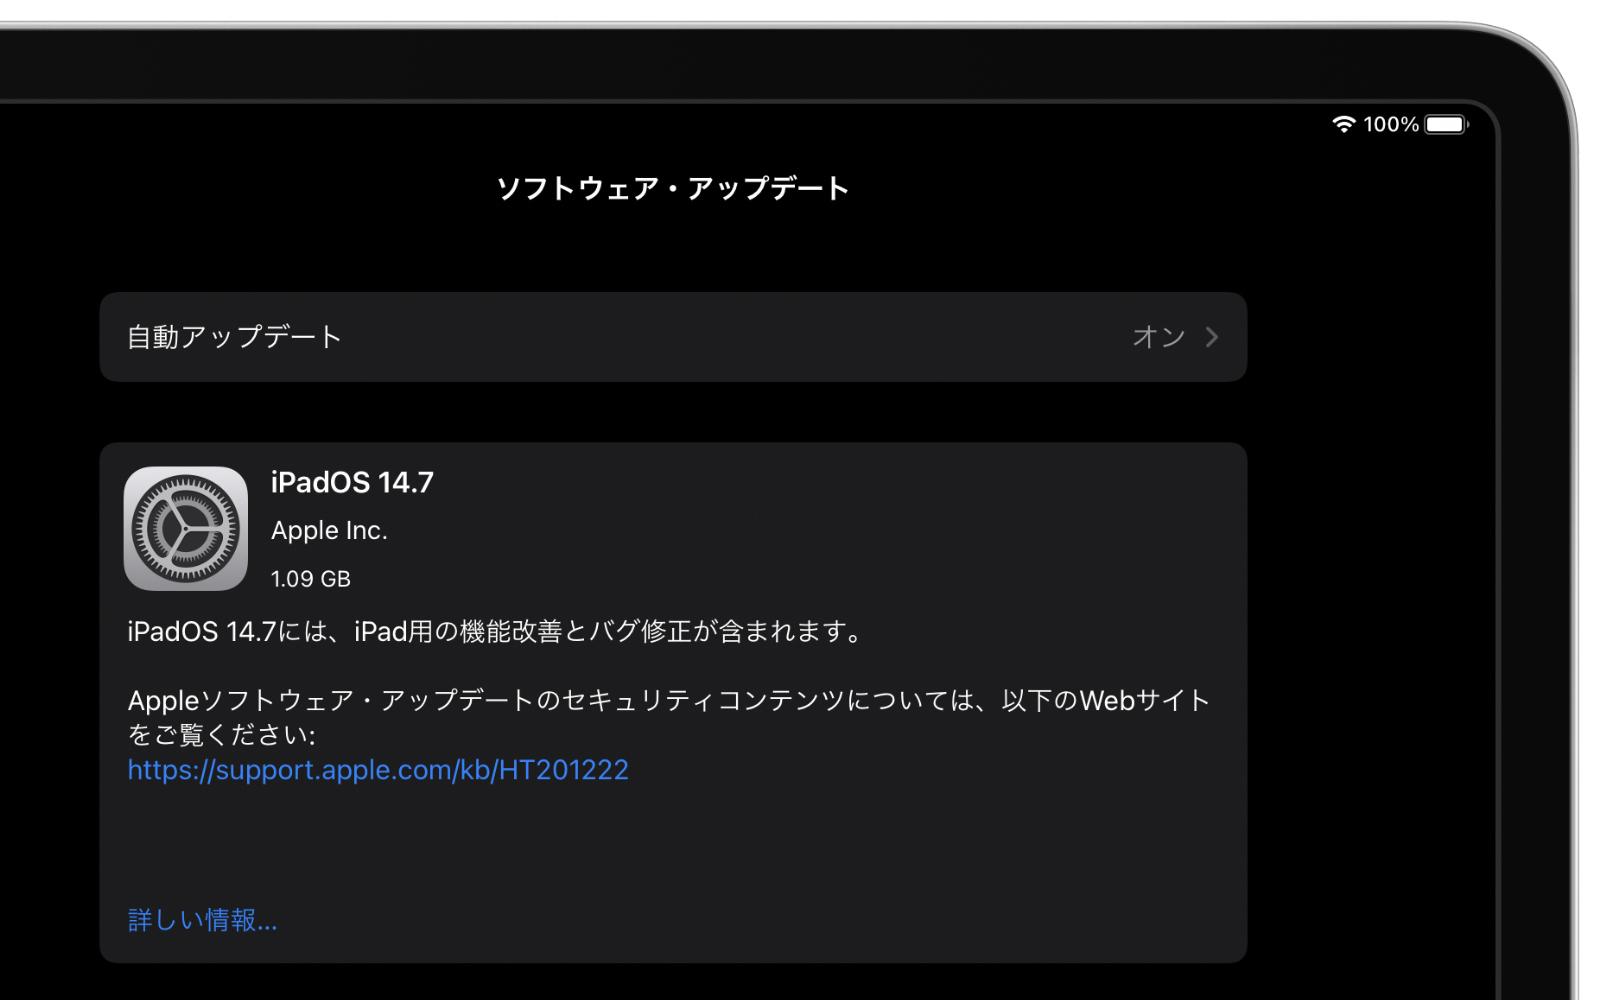 IOS14 7 update